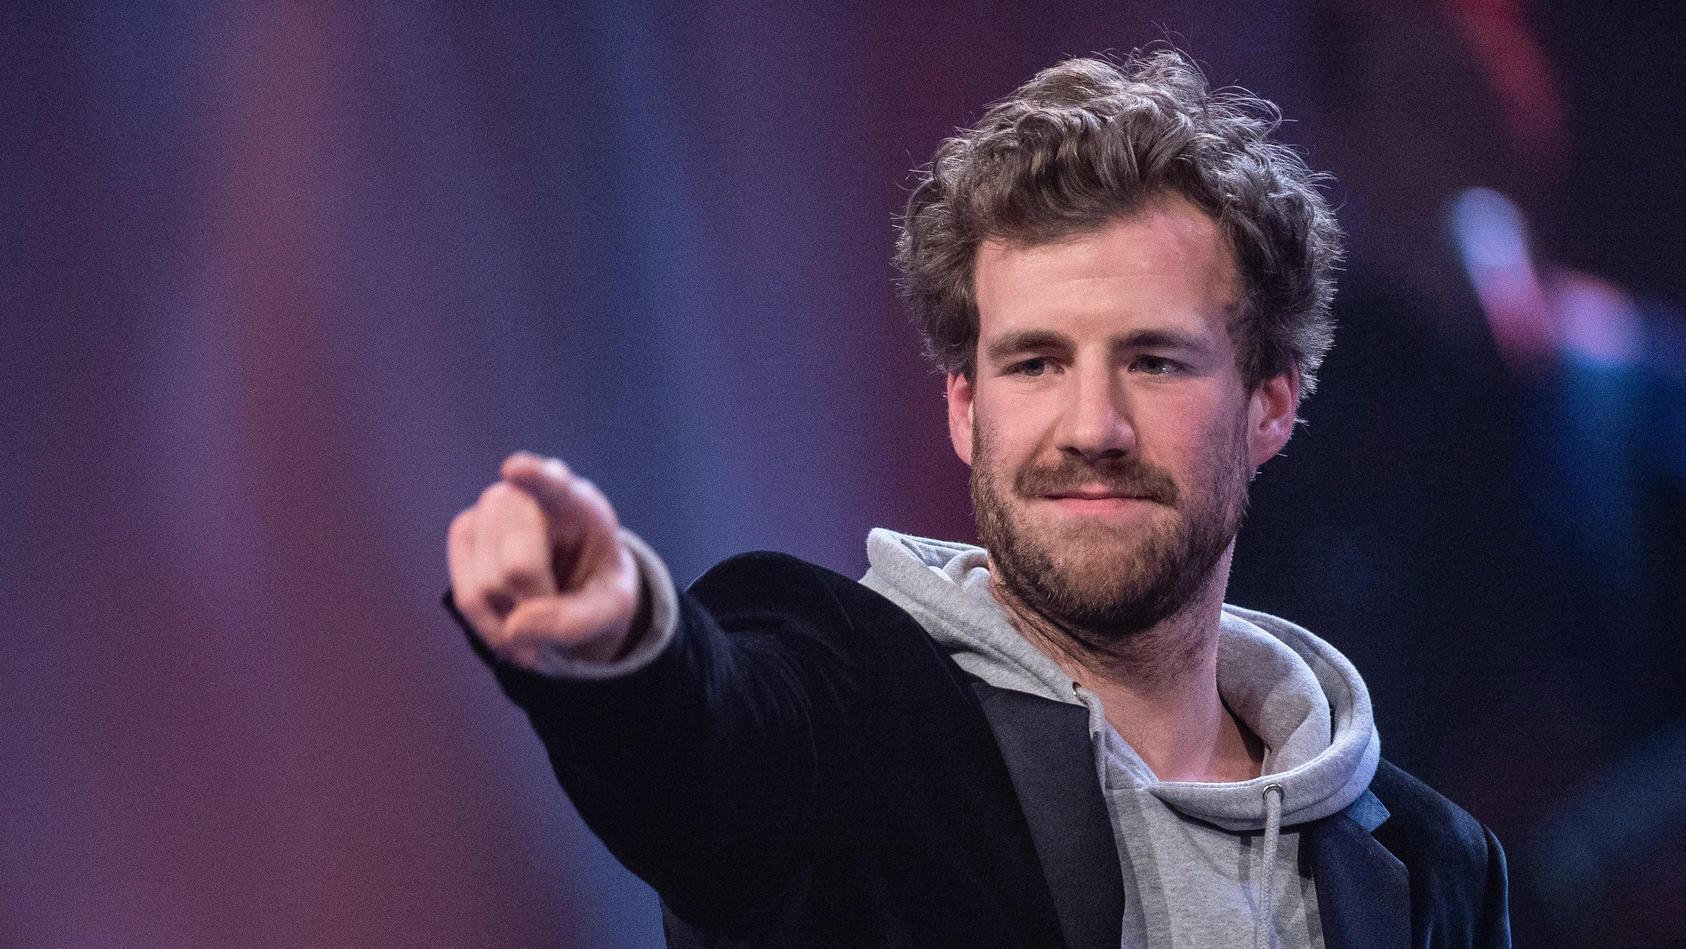 comedian-luke-mockridge-ist-bester-komiker-2019